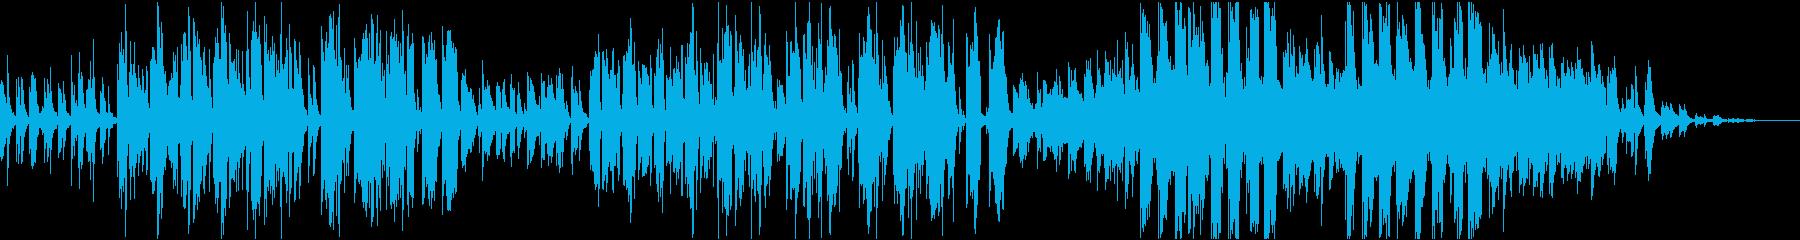 蒼い魚の再生済みの波形